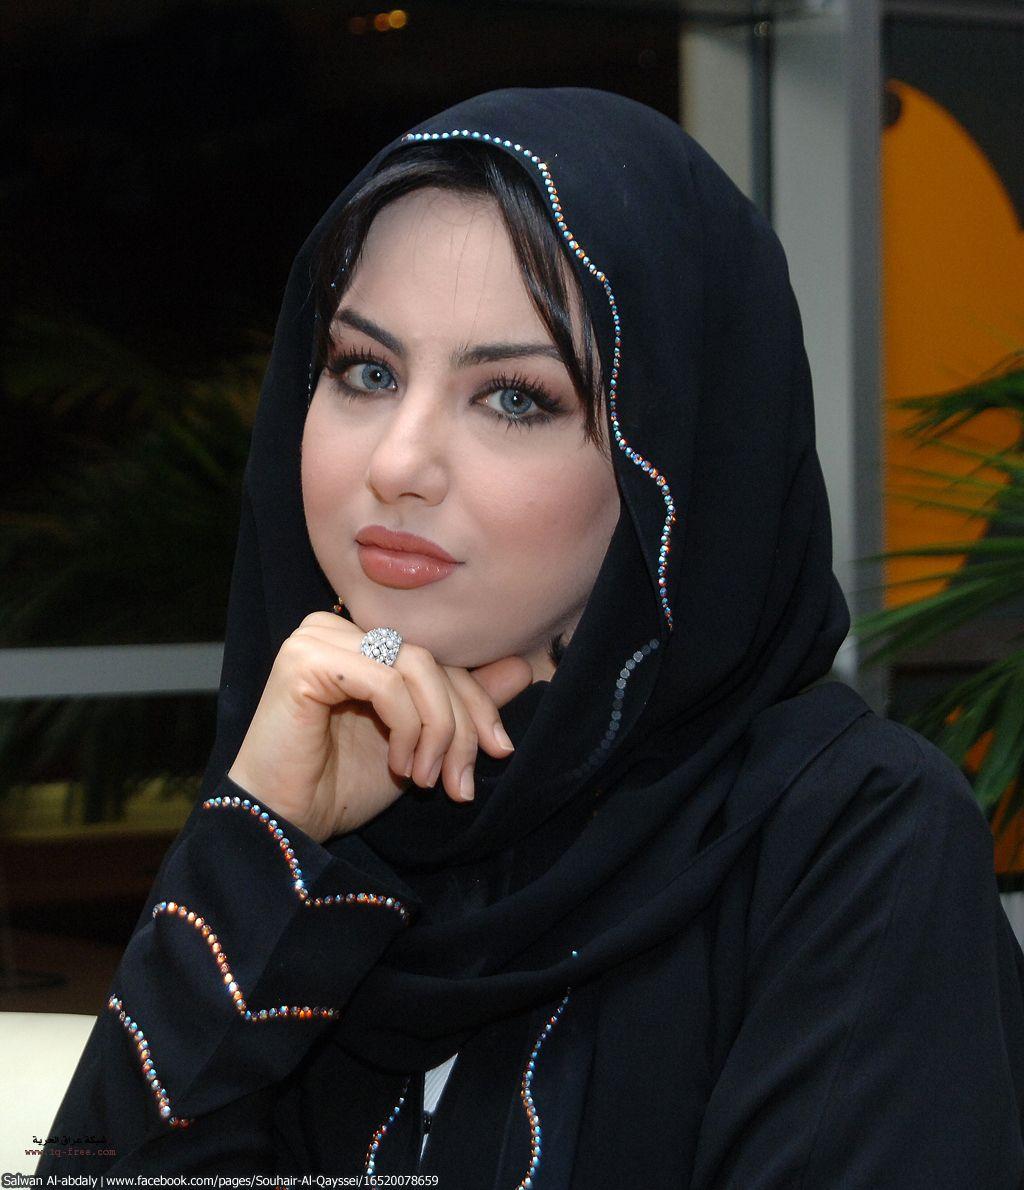 بالصور بنات الخليج , اجمل صور بنات الخليج الكيوت 2885 5